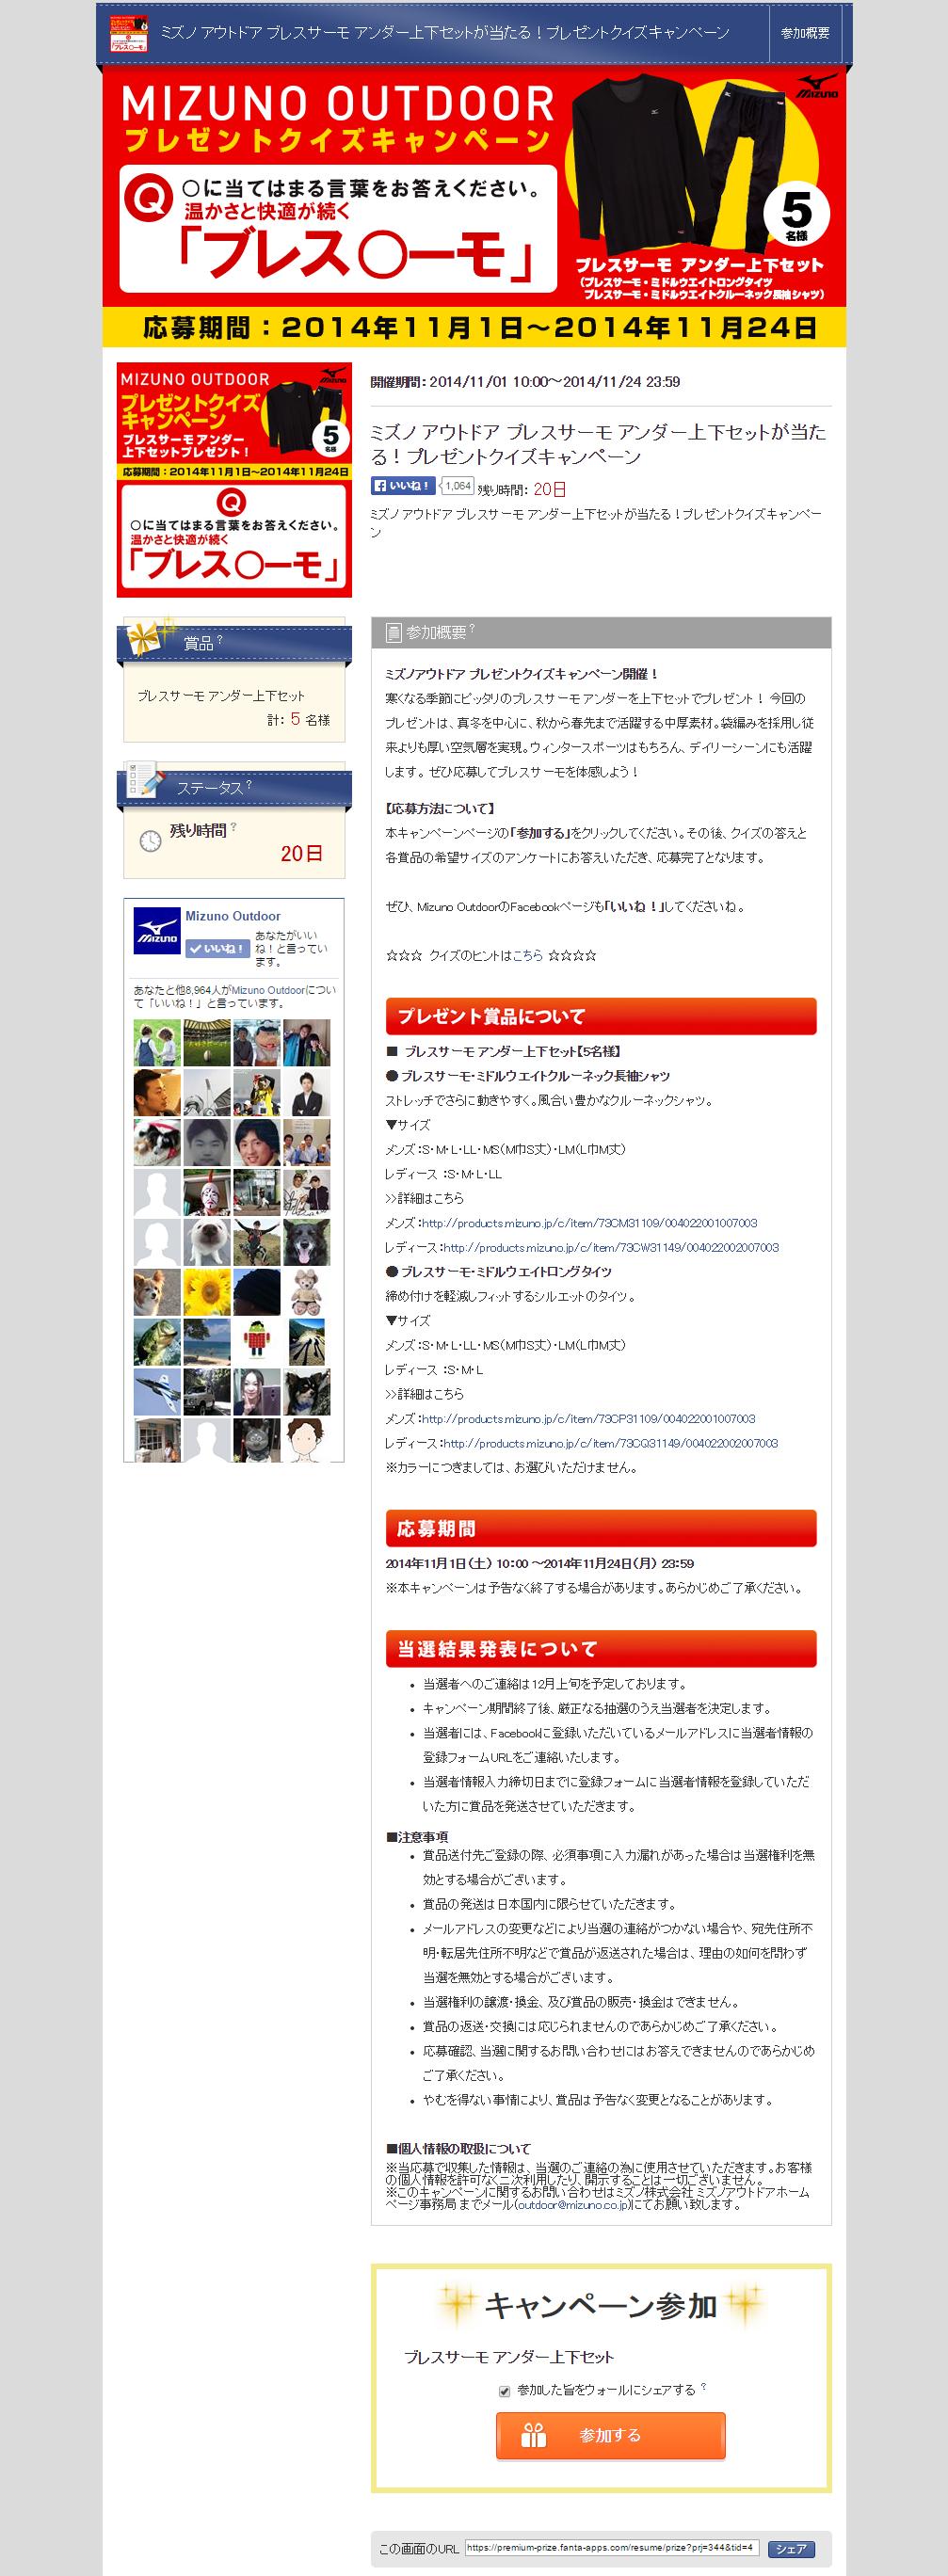 Fantastics「アンケート型」懸賞アプリ(ミズノ株式会社様)